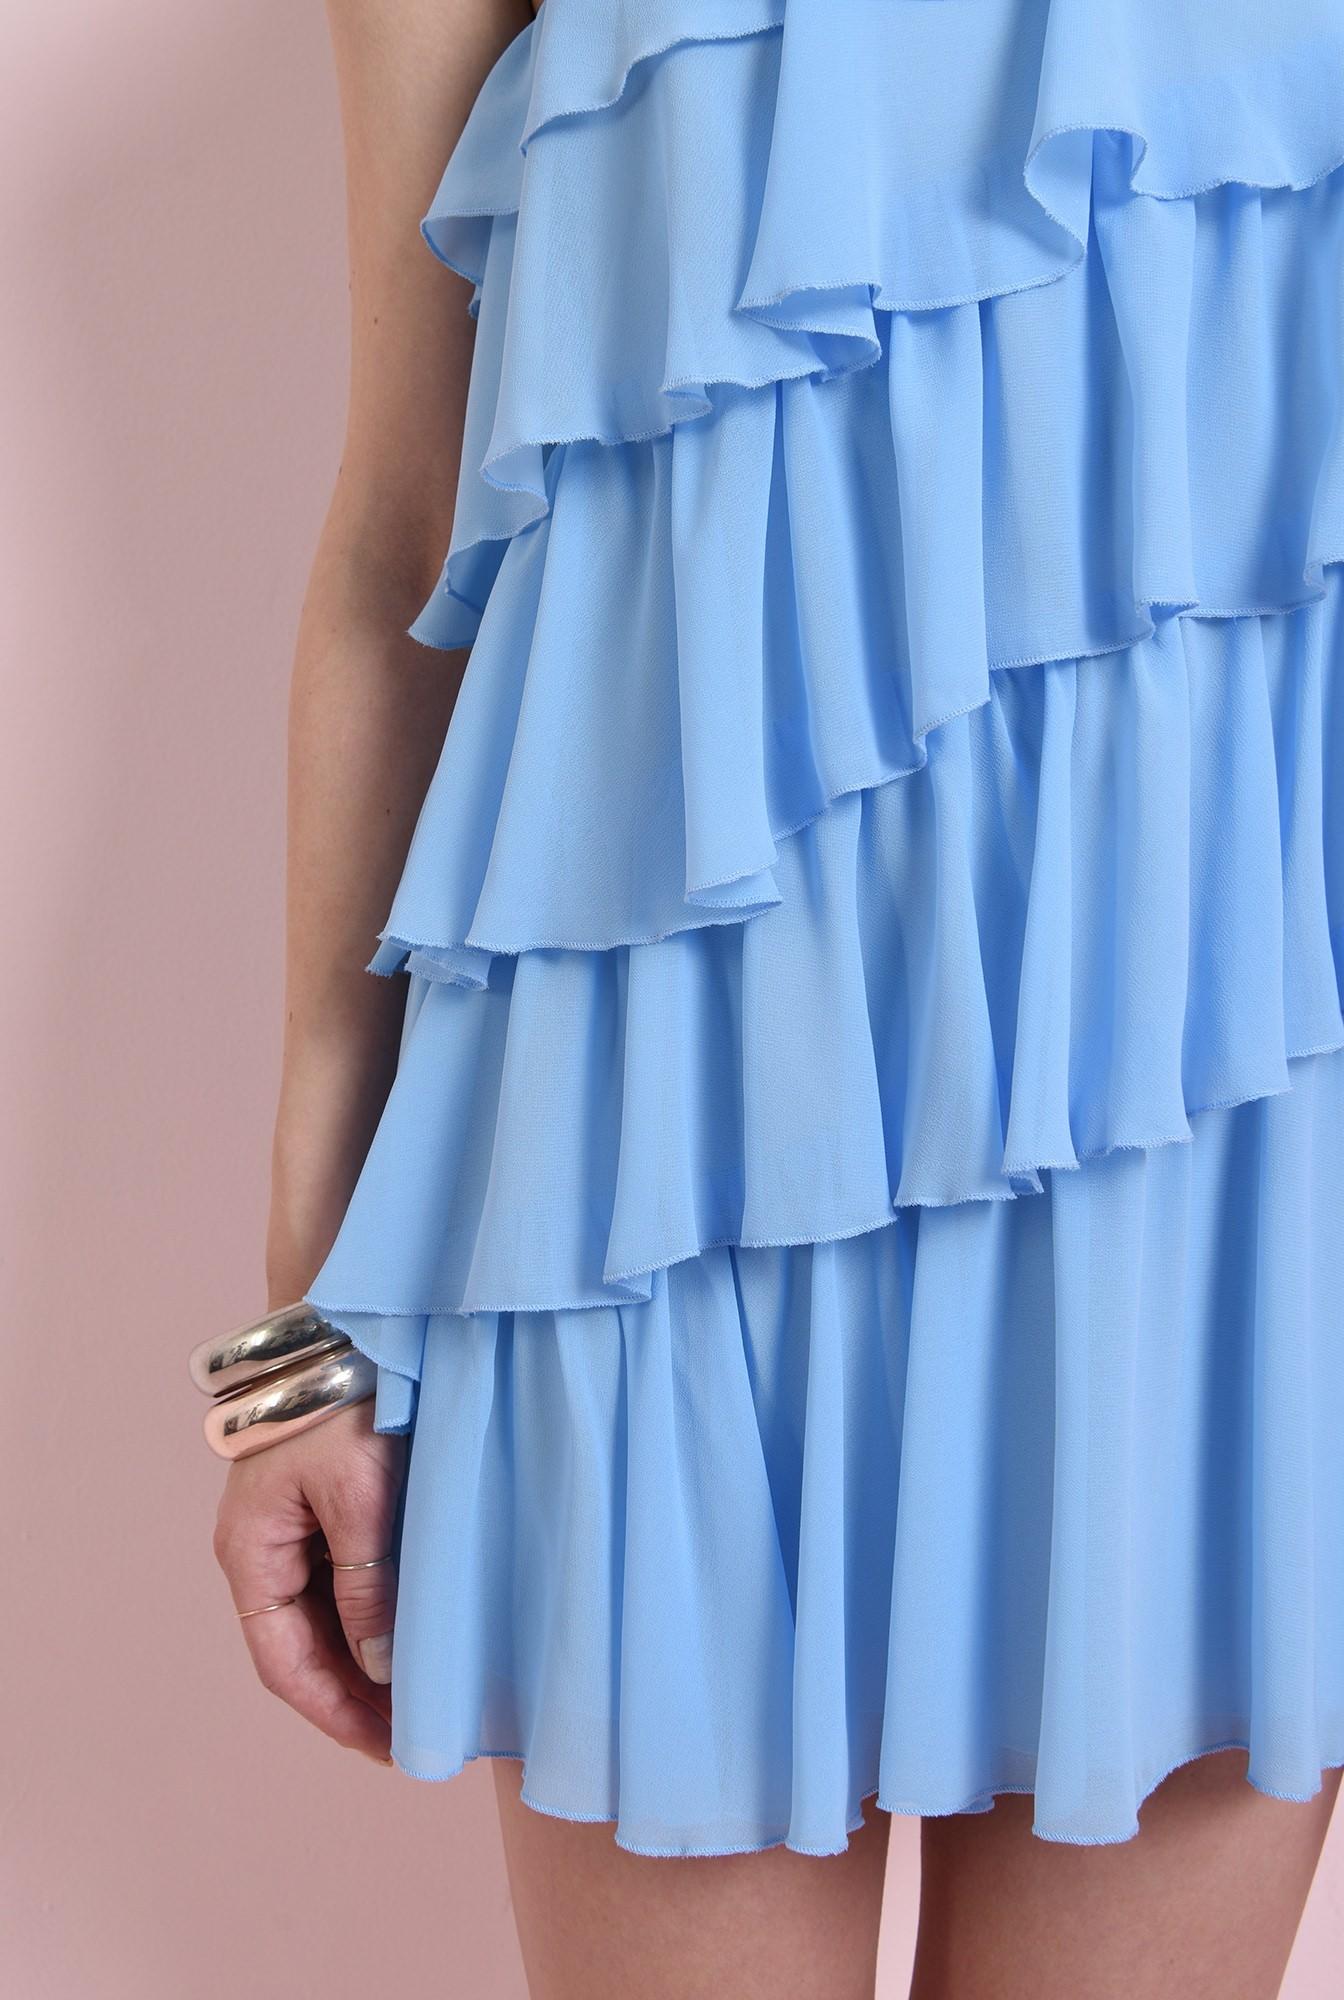 2 - rochie cu volane multiple, bleu